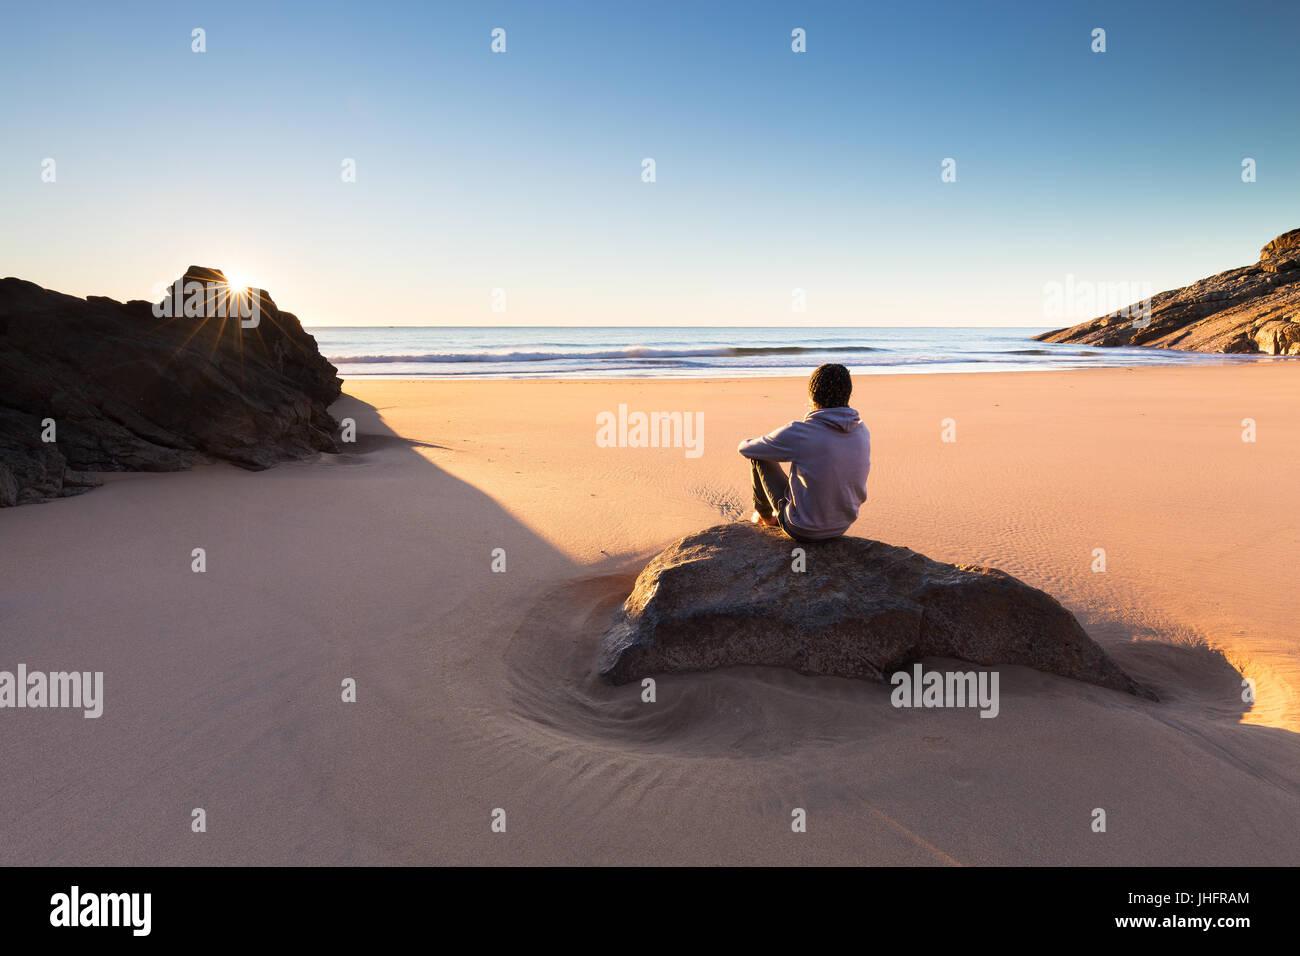 Eine Person sitzt an einem wunderschönen einsamen Strand in Australien und Uhren einen klaren Sonnenaufgang Stockbild